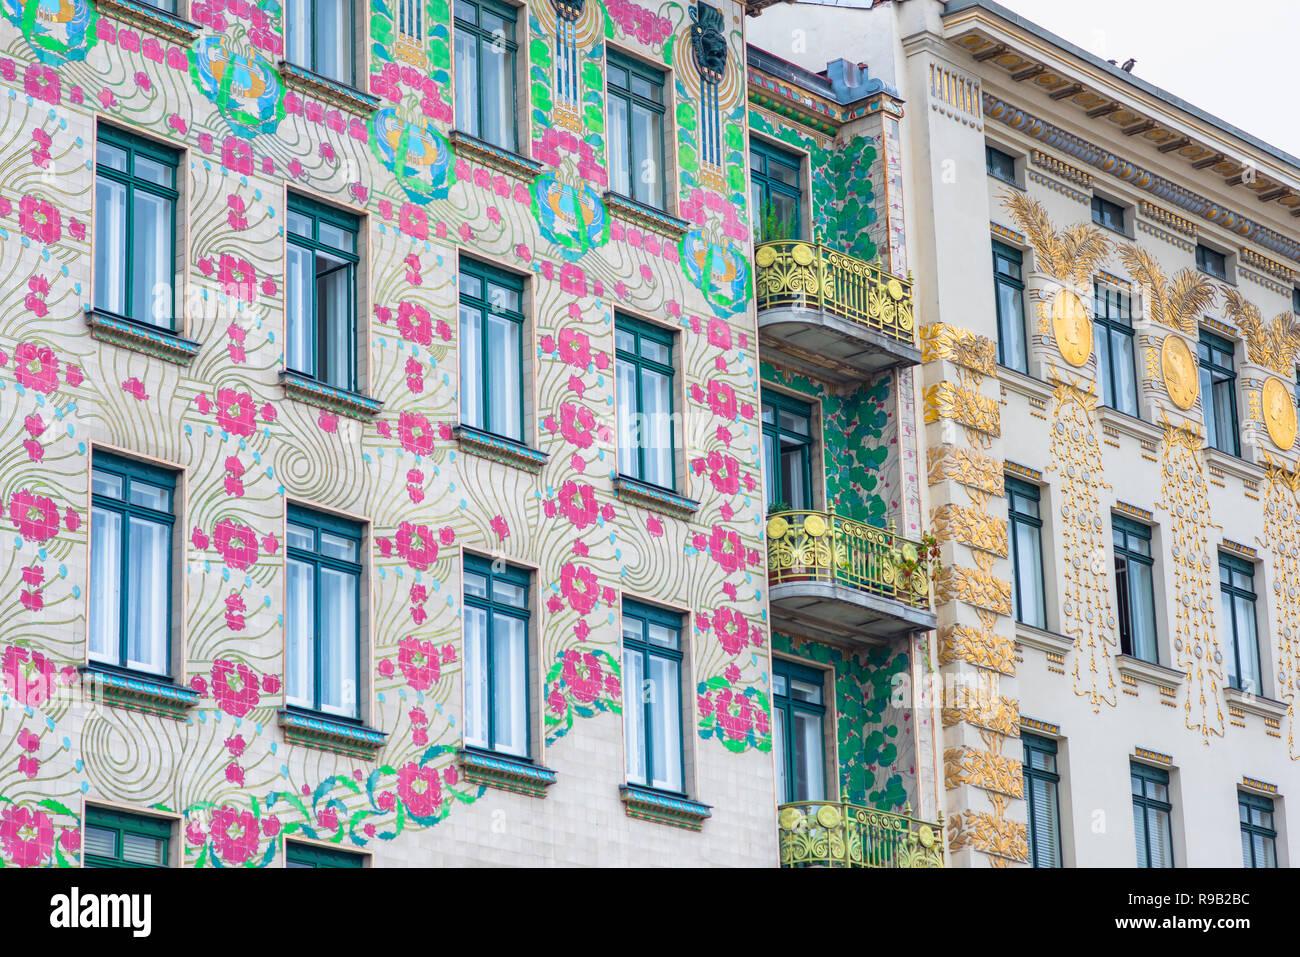 Art Nouveau de Viena, vista de la Majolika-Haus (izquierda) y Otto Wagner Haus - los dos primeros ejemplos del estilo Jugendstil de estilo art nouveau en la arquitectura. Imagen De Stock